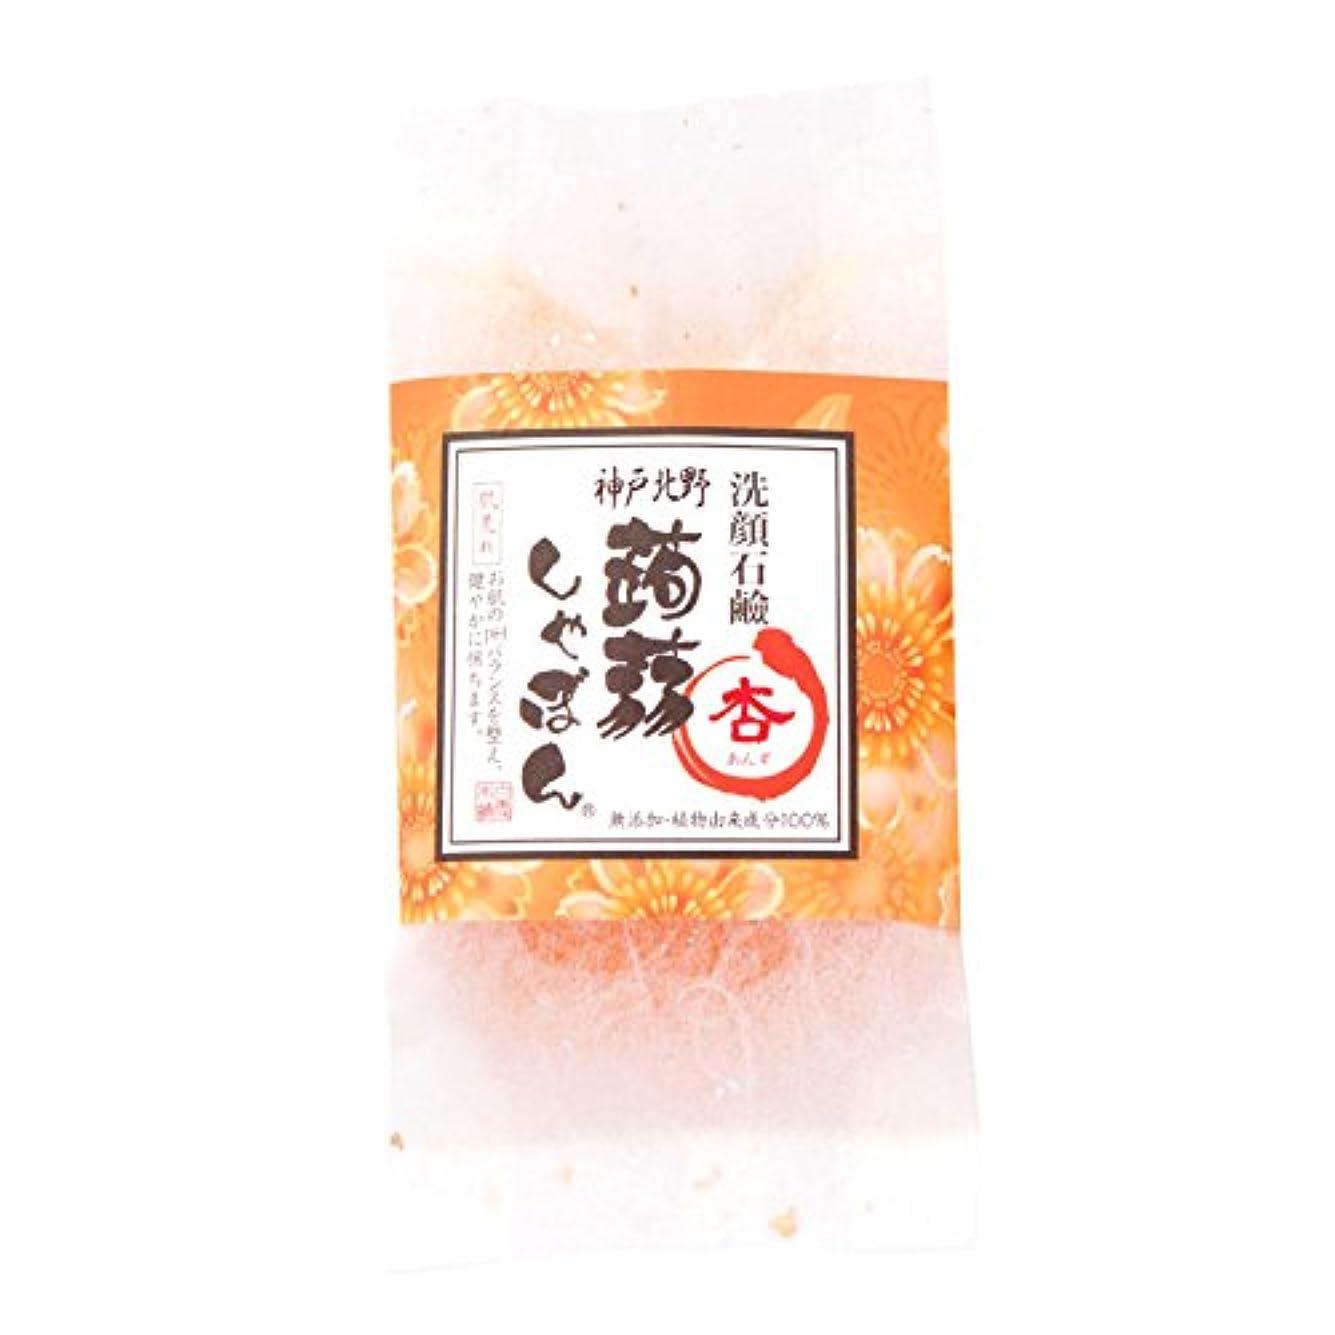 ガラガラ本気藤色神戸蒟蒻しゃぼん神戸 杏(あんず)